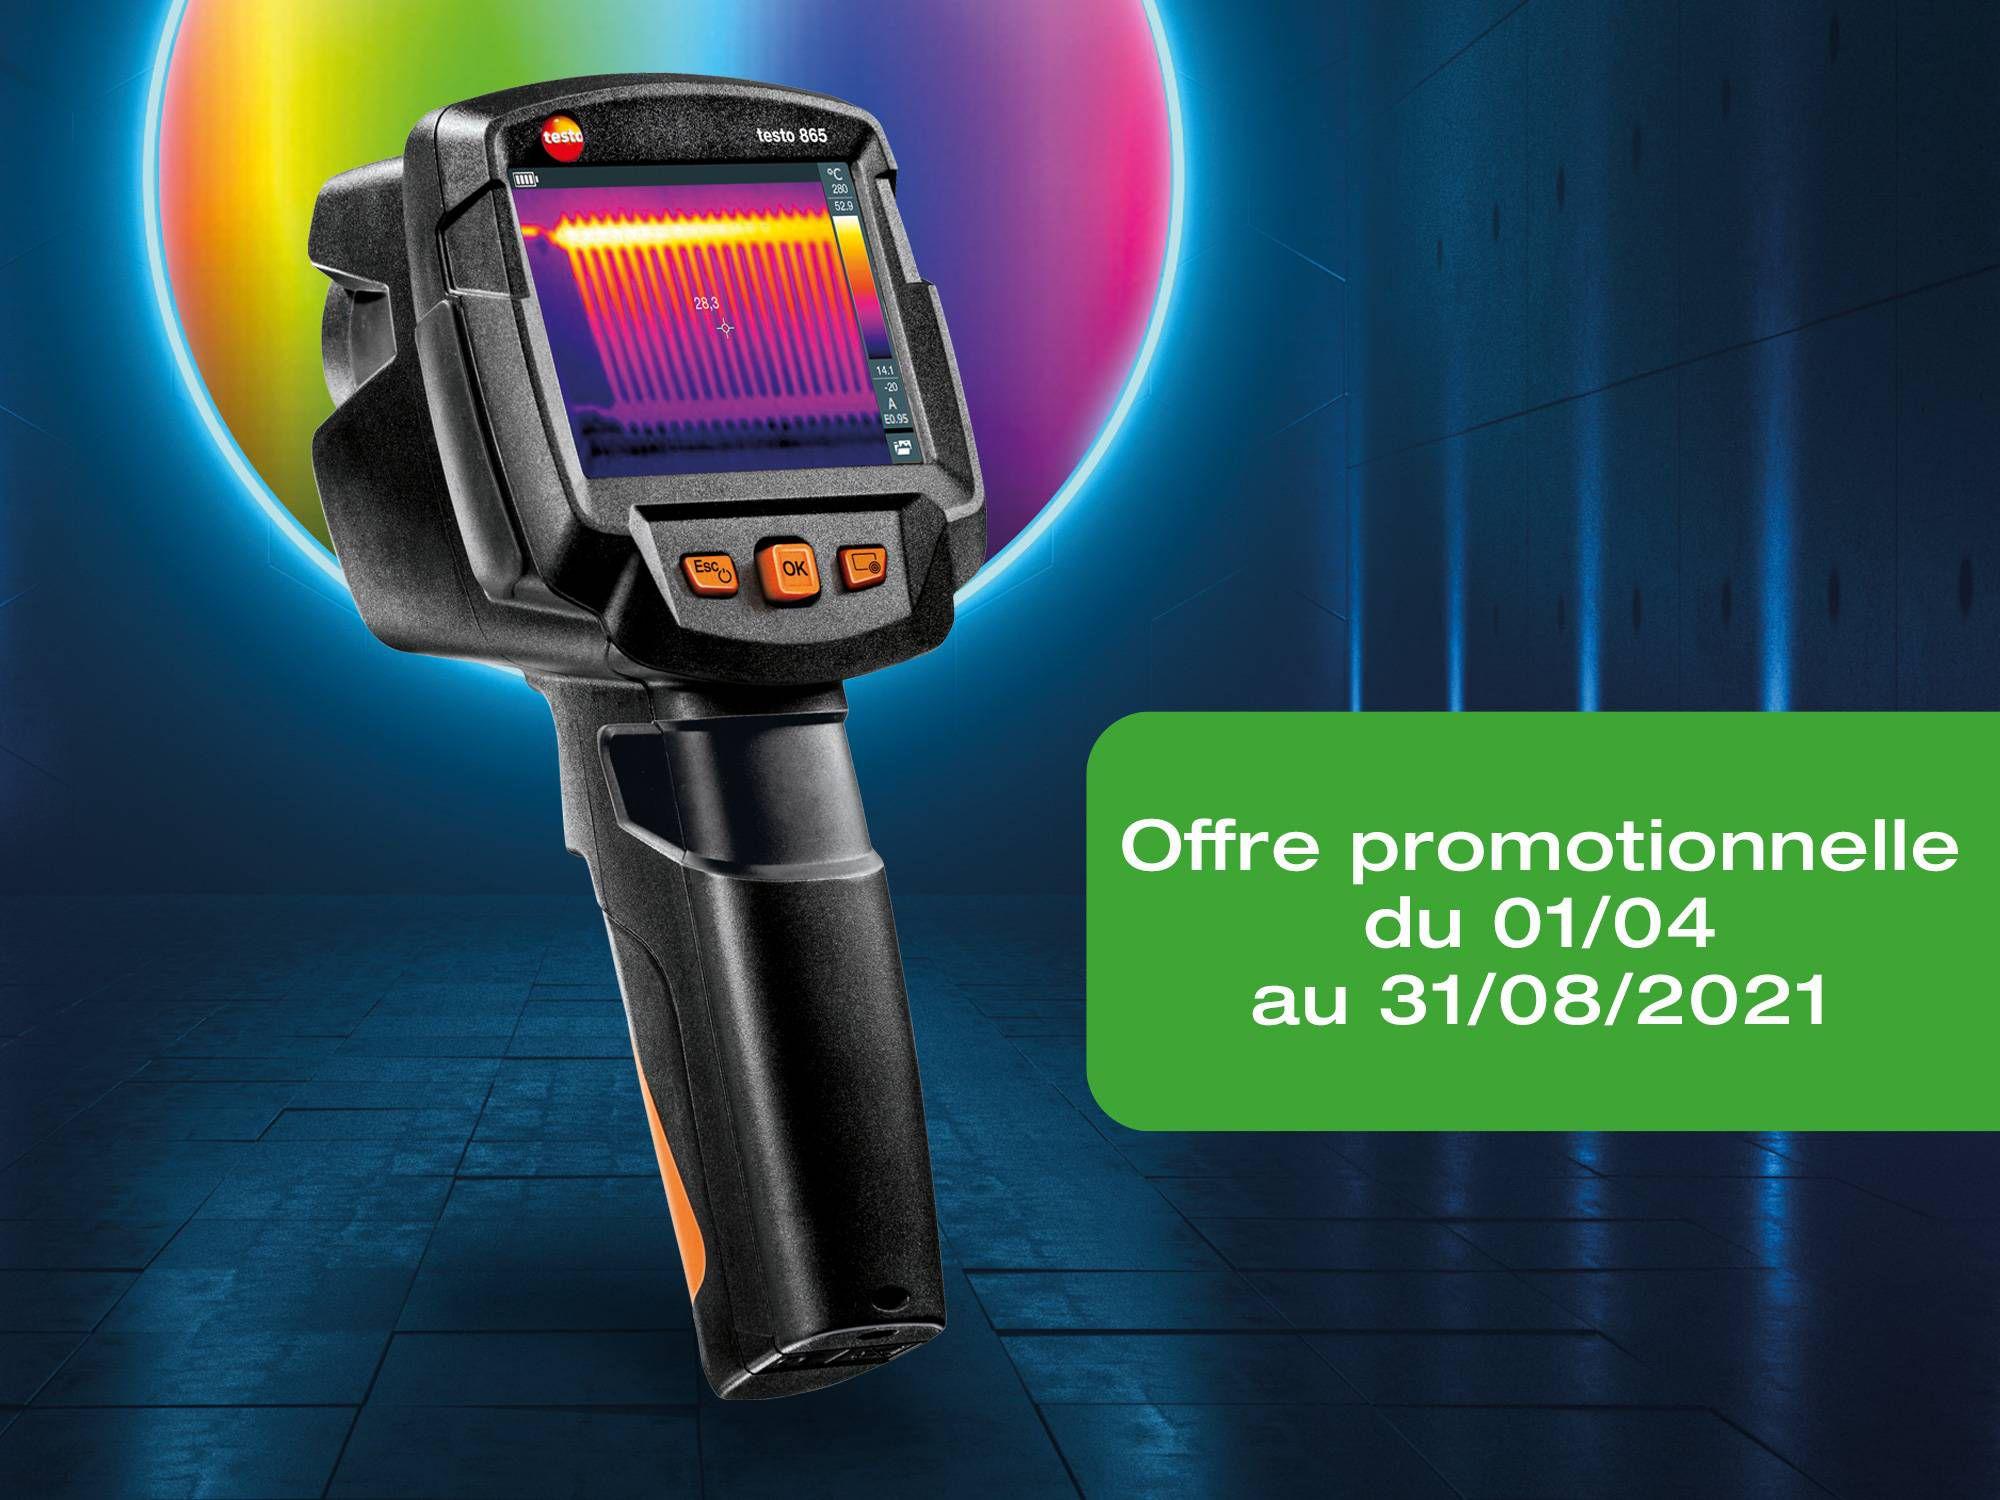 Offre promotionnelle achat caméra thermique testo 865 jusqu'au 31/08/2021